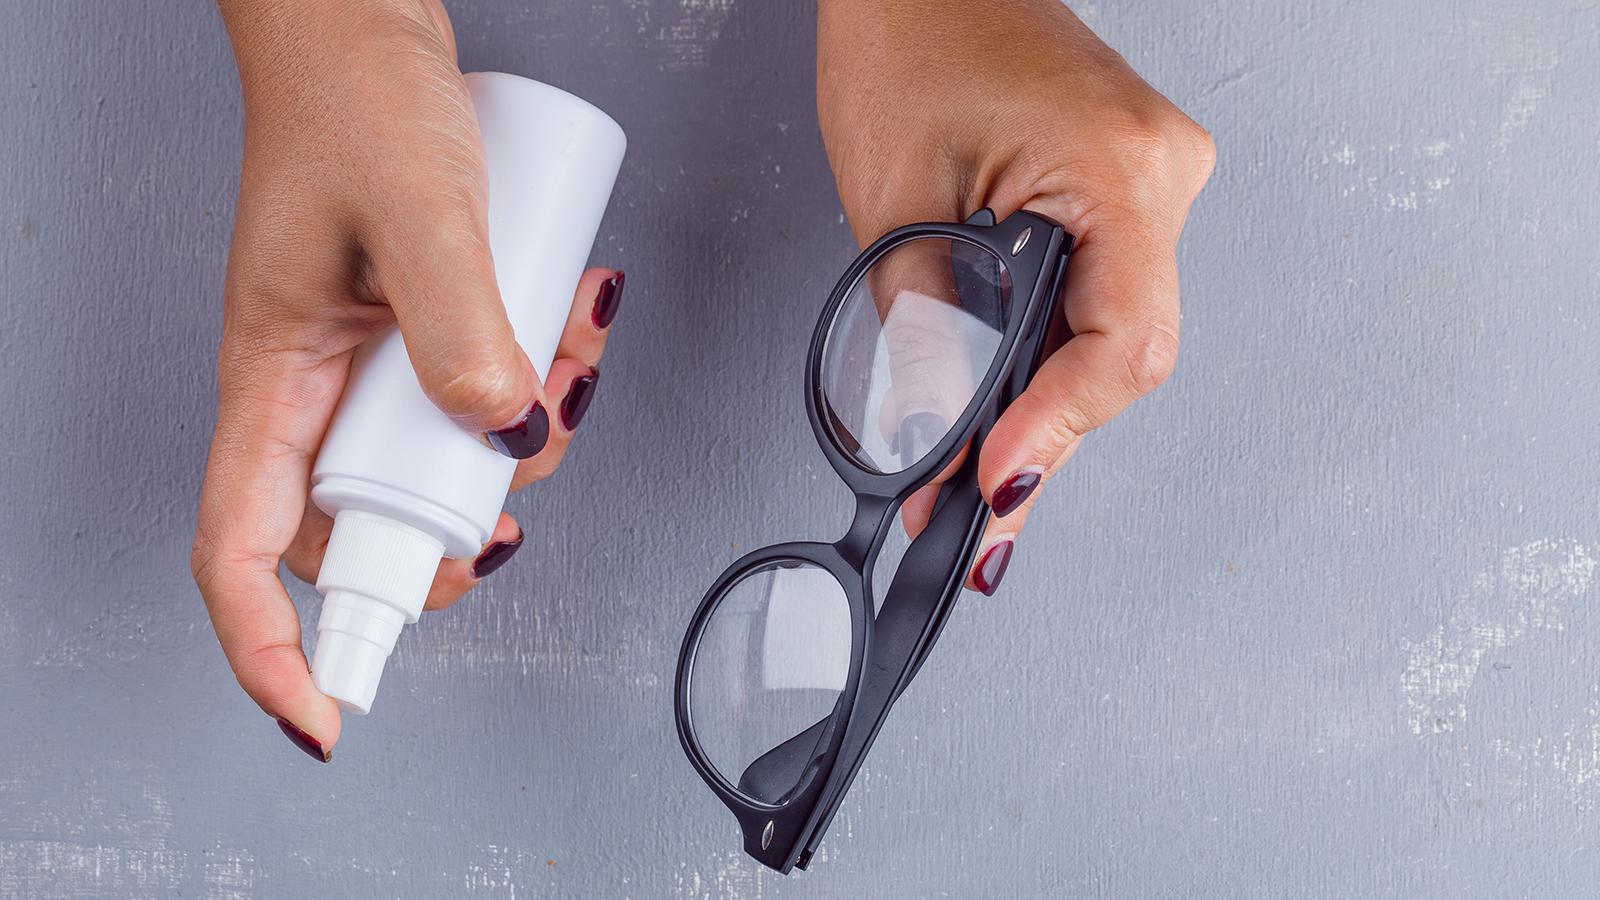 Prevent glass fogging using shaving cream